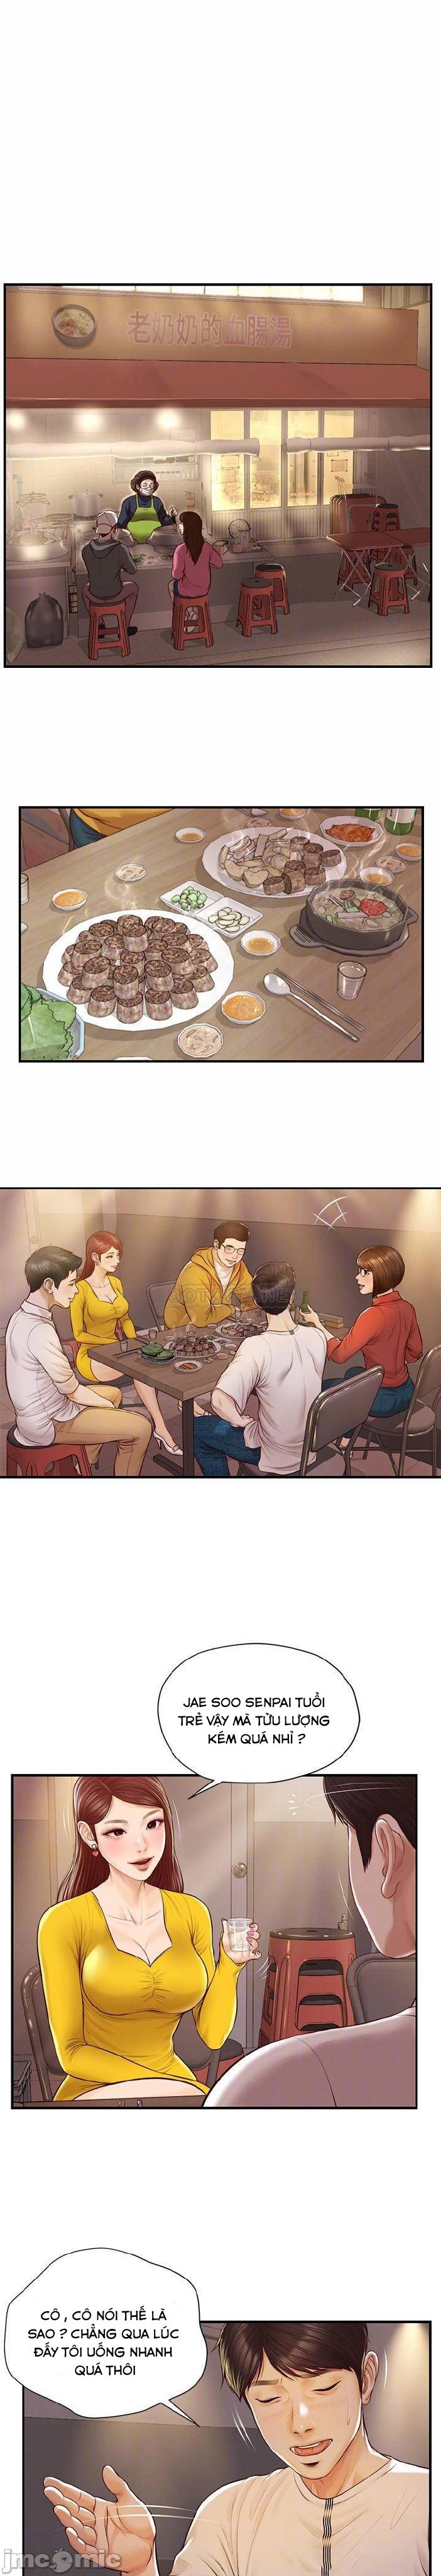 Thanh Niên Trong Sáng chapter 3 - Trang 14